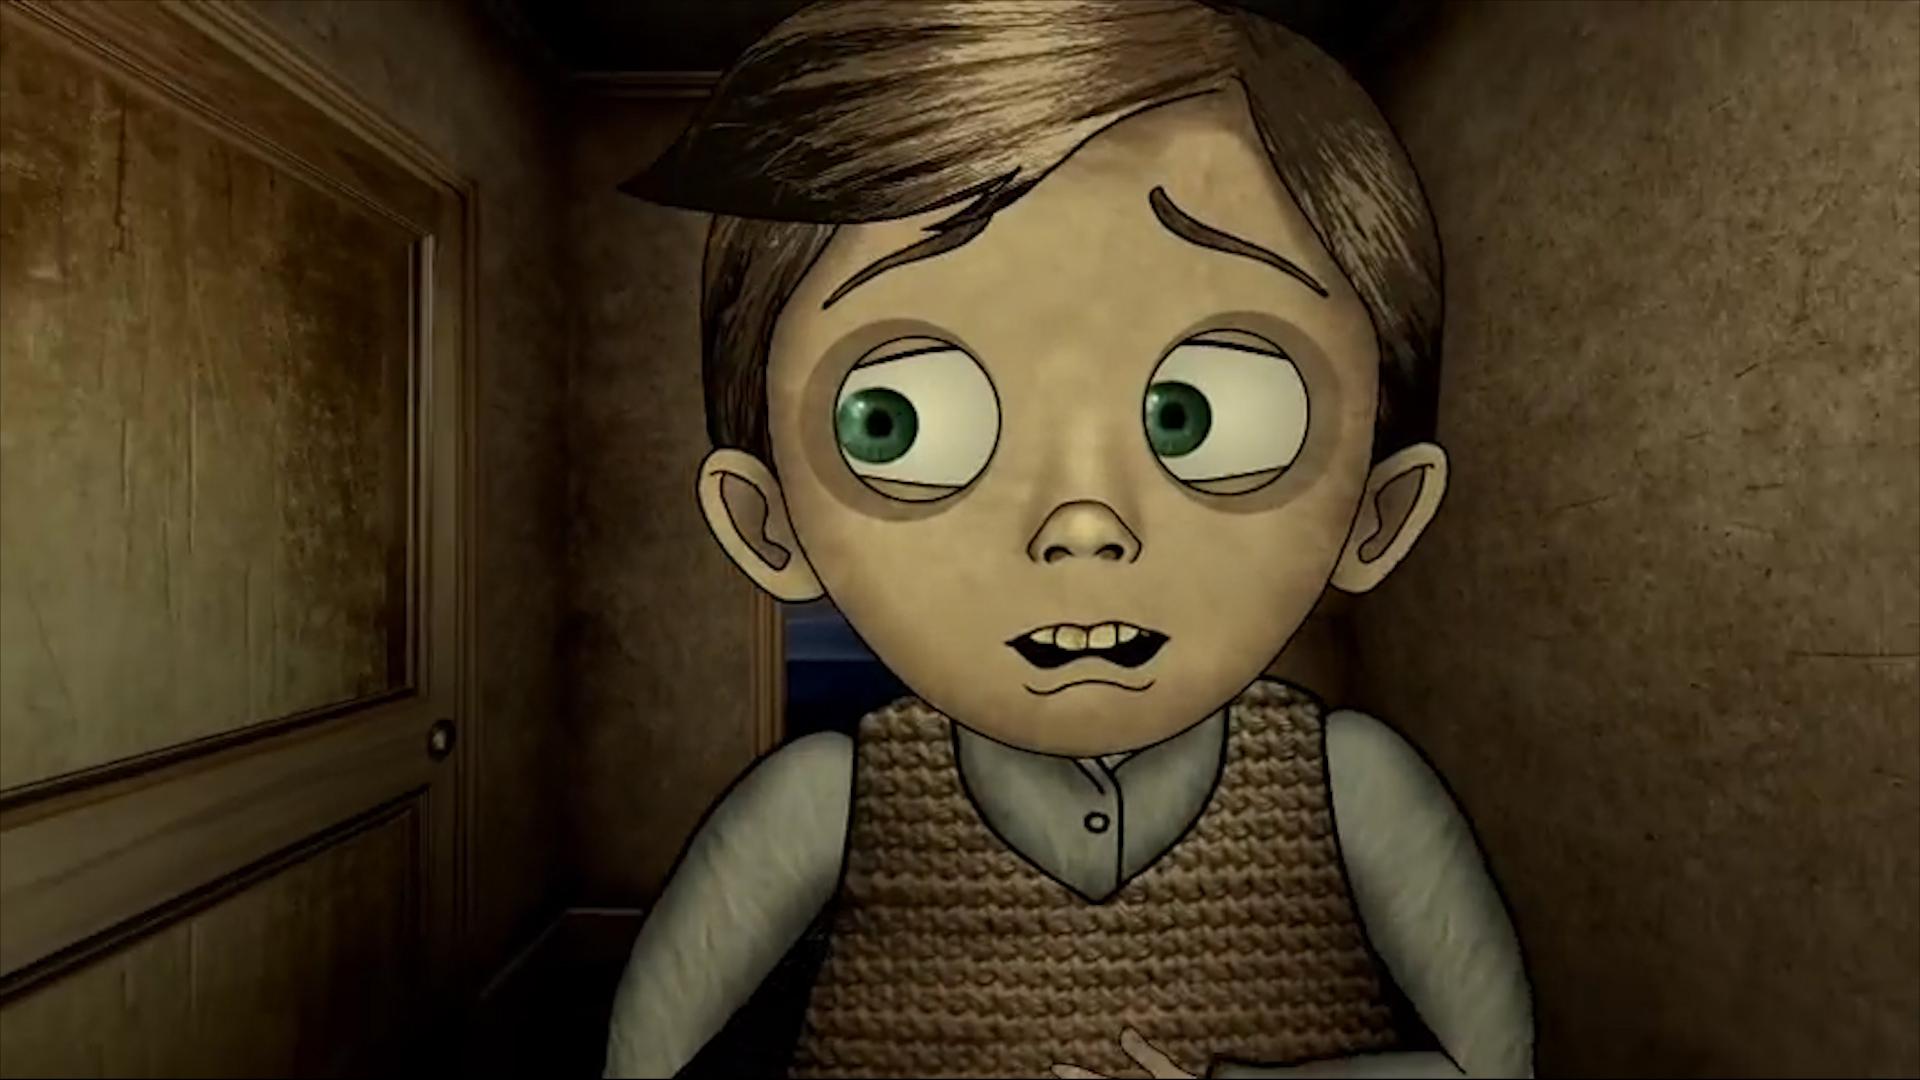 儿子发现家里有只恶魔,可父亲却不以为然,母亲竟也坦然面对